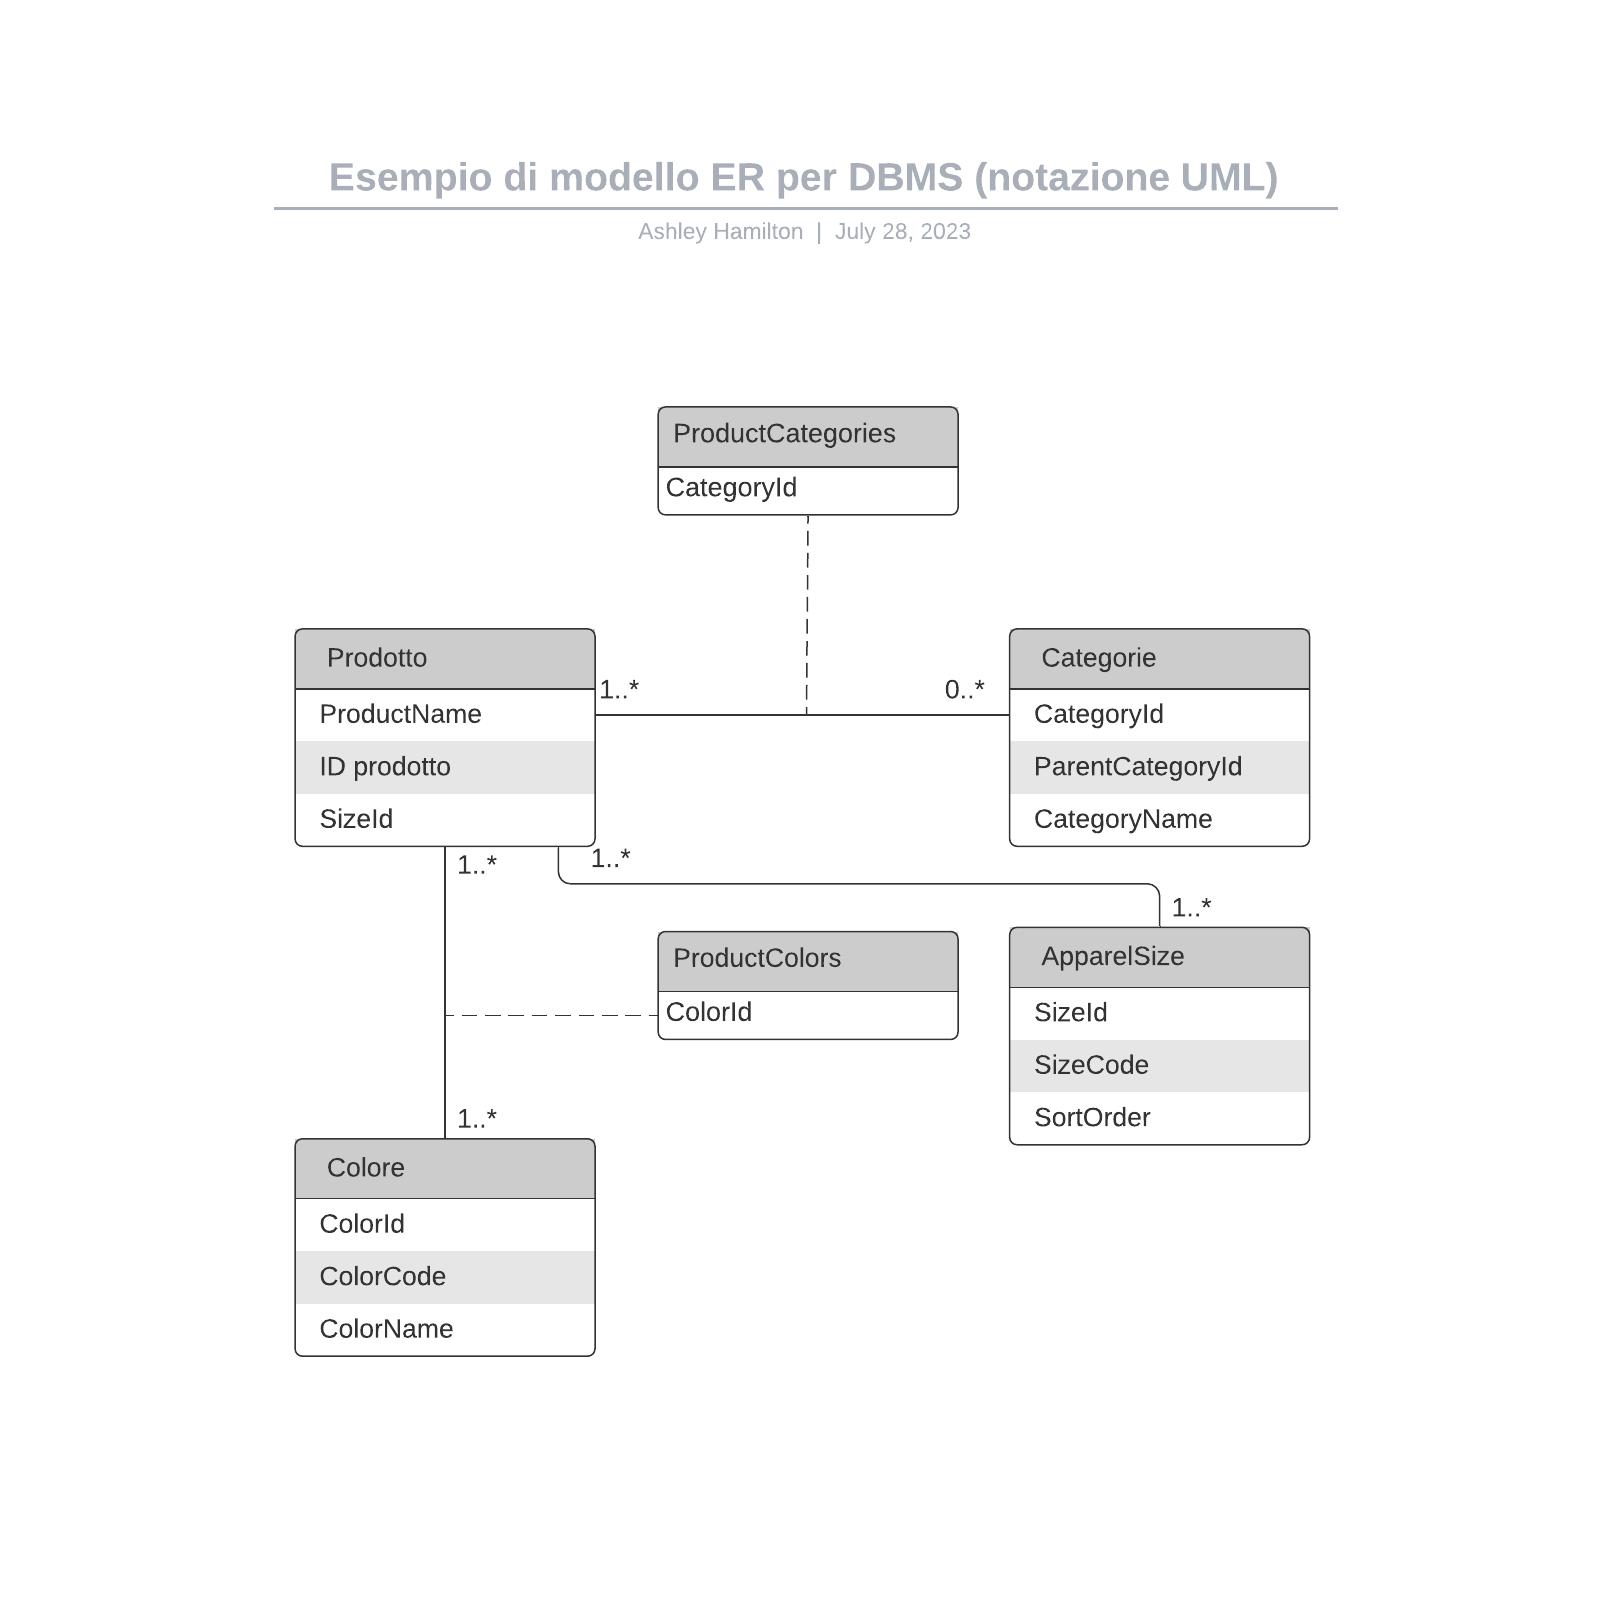 Esempio di modello ER per DBMS (notazione UML)